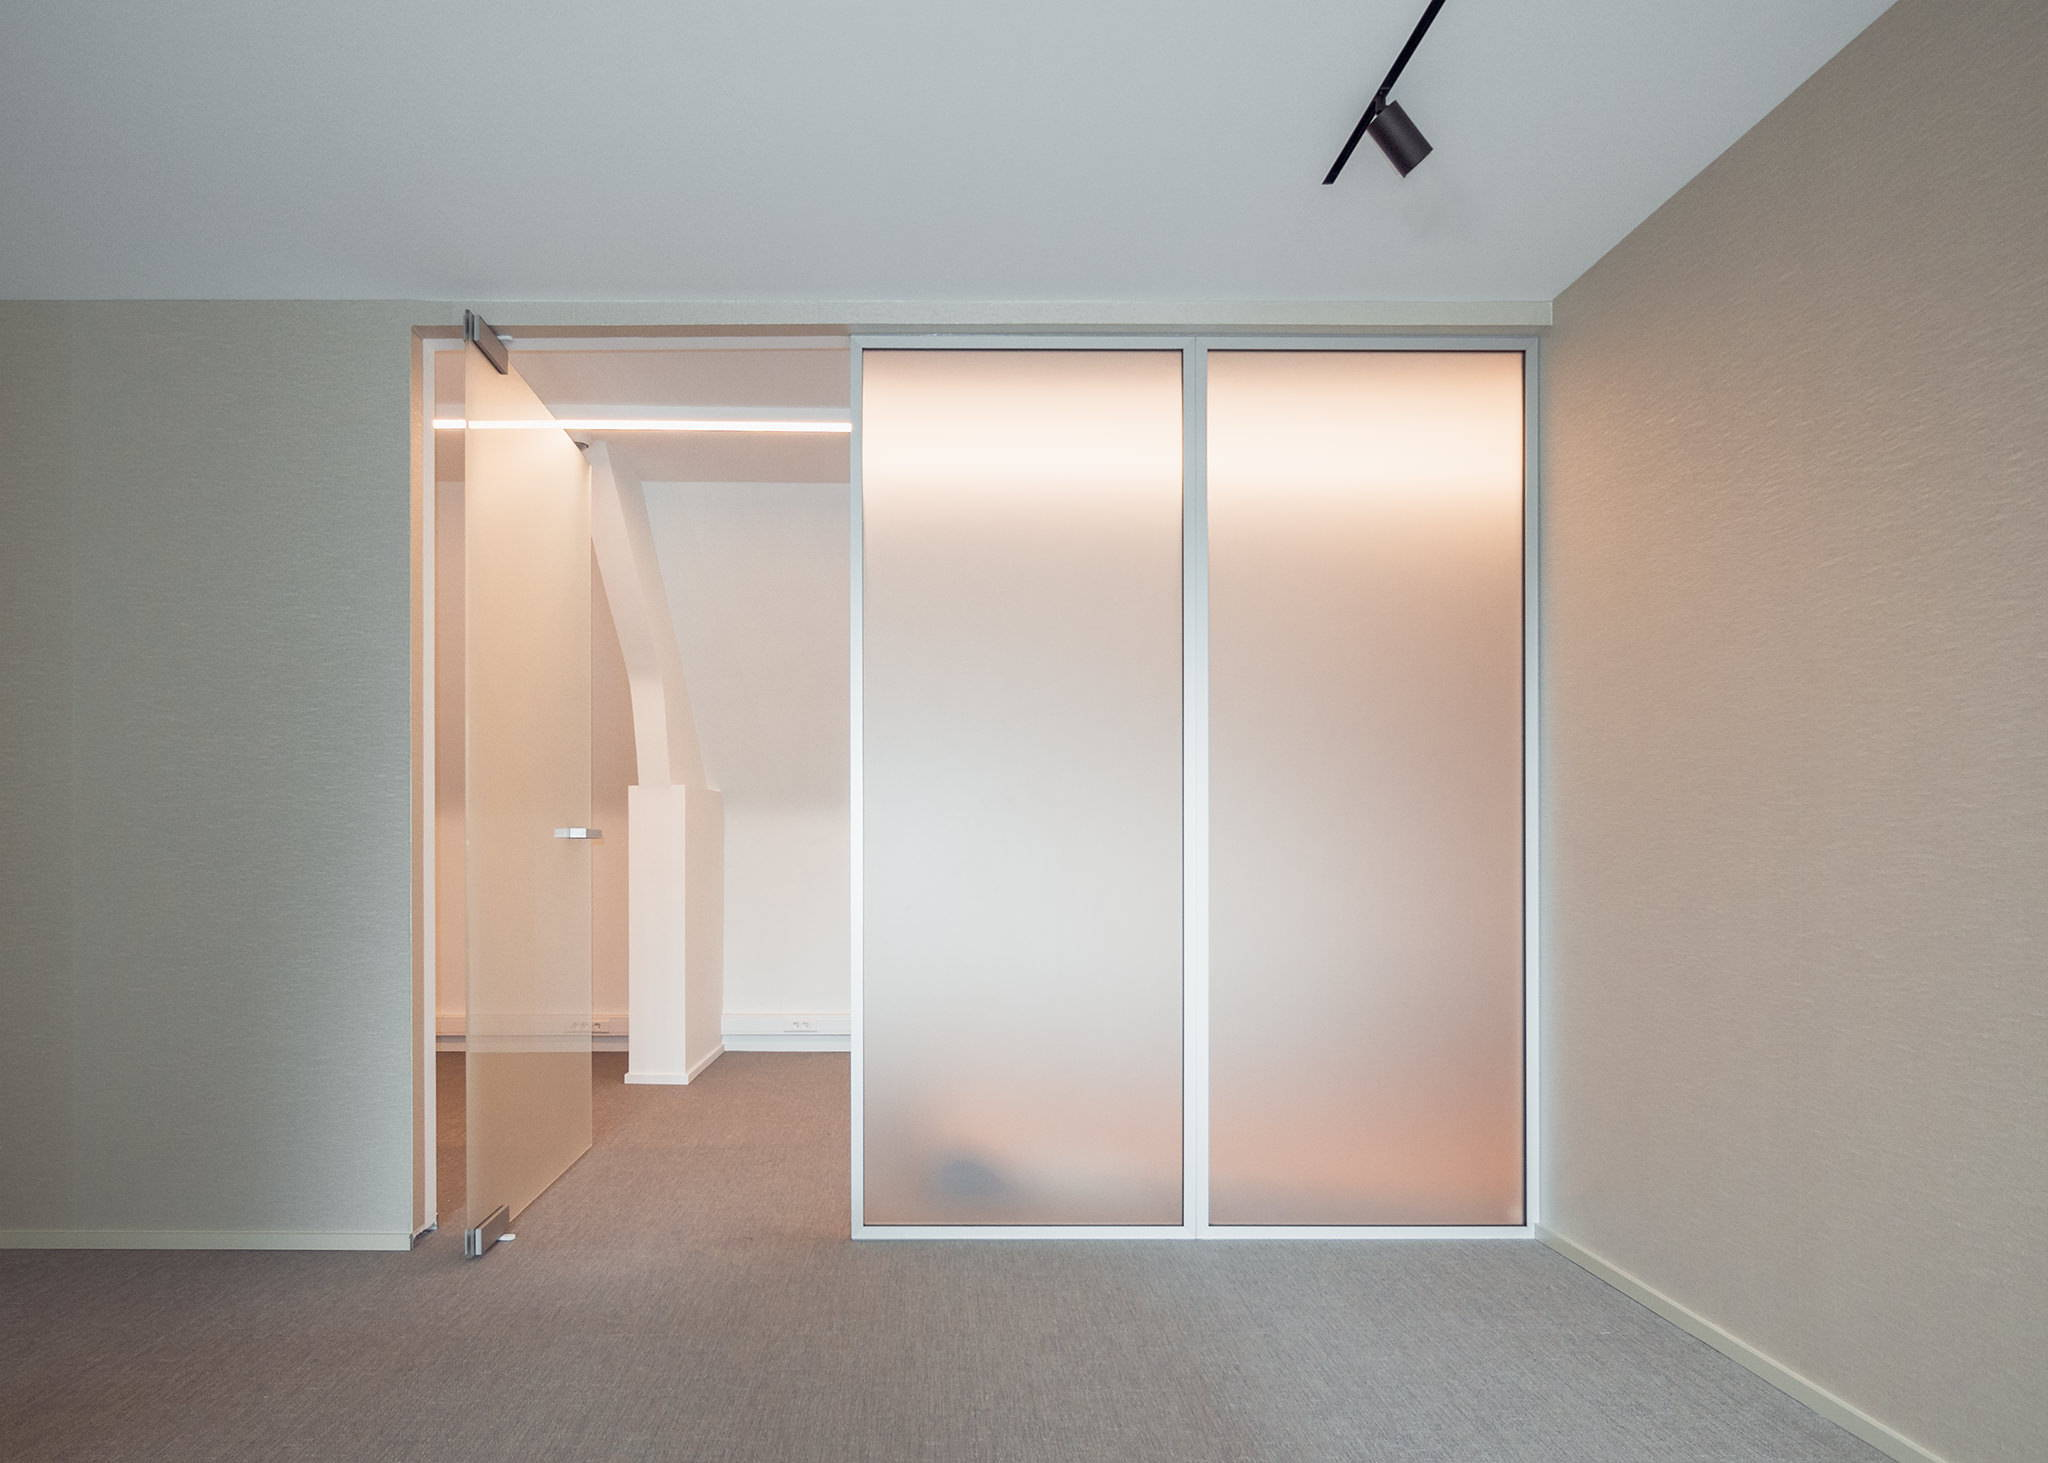 Glass pivot door without floor sprung